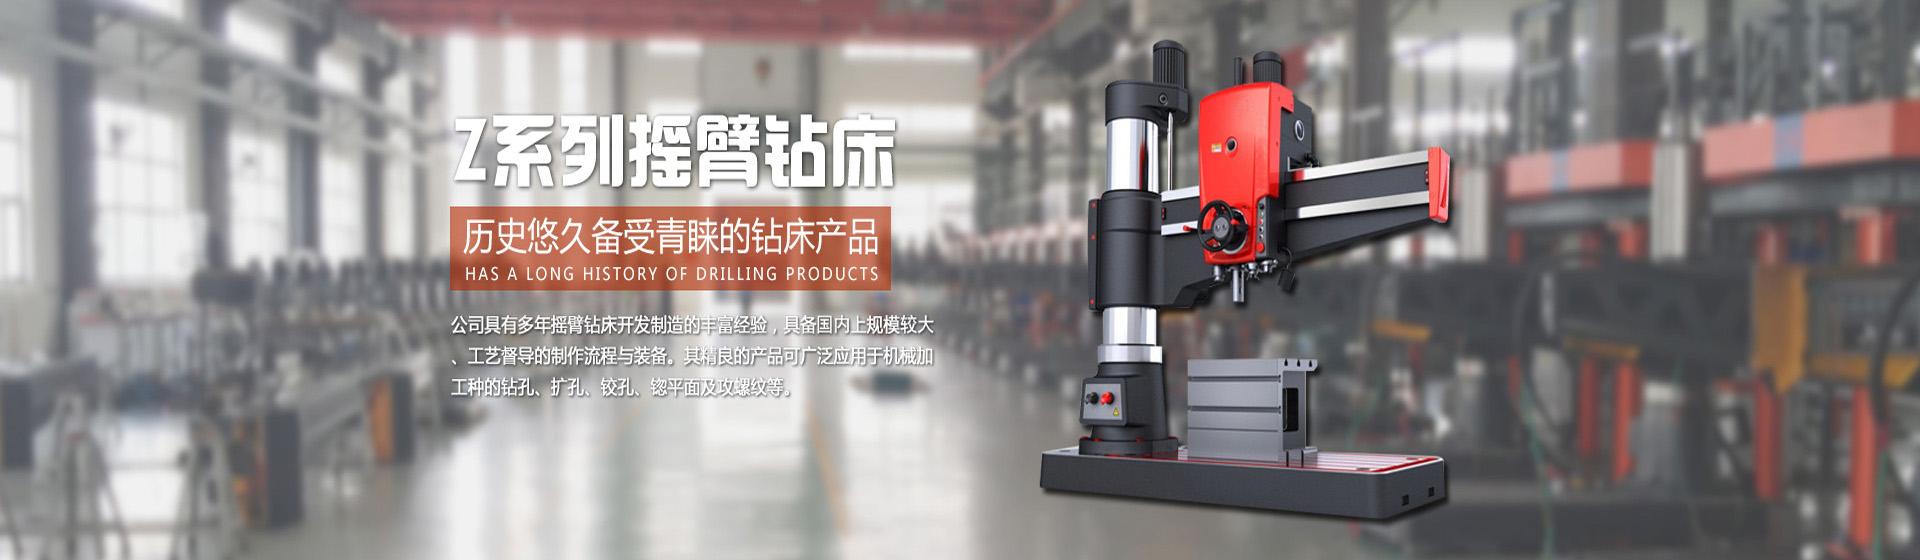 滕州市鑫岳机床有限责任公司摇臂钻生产厂家